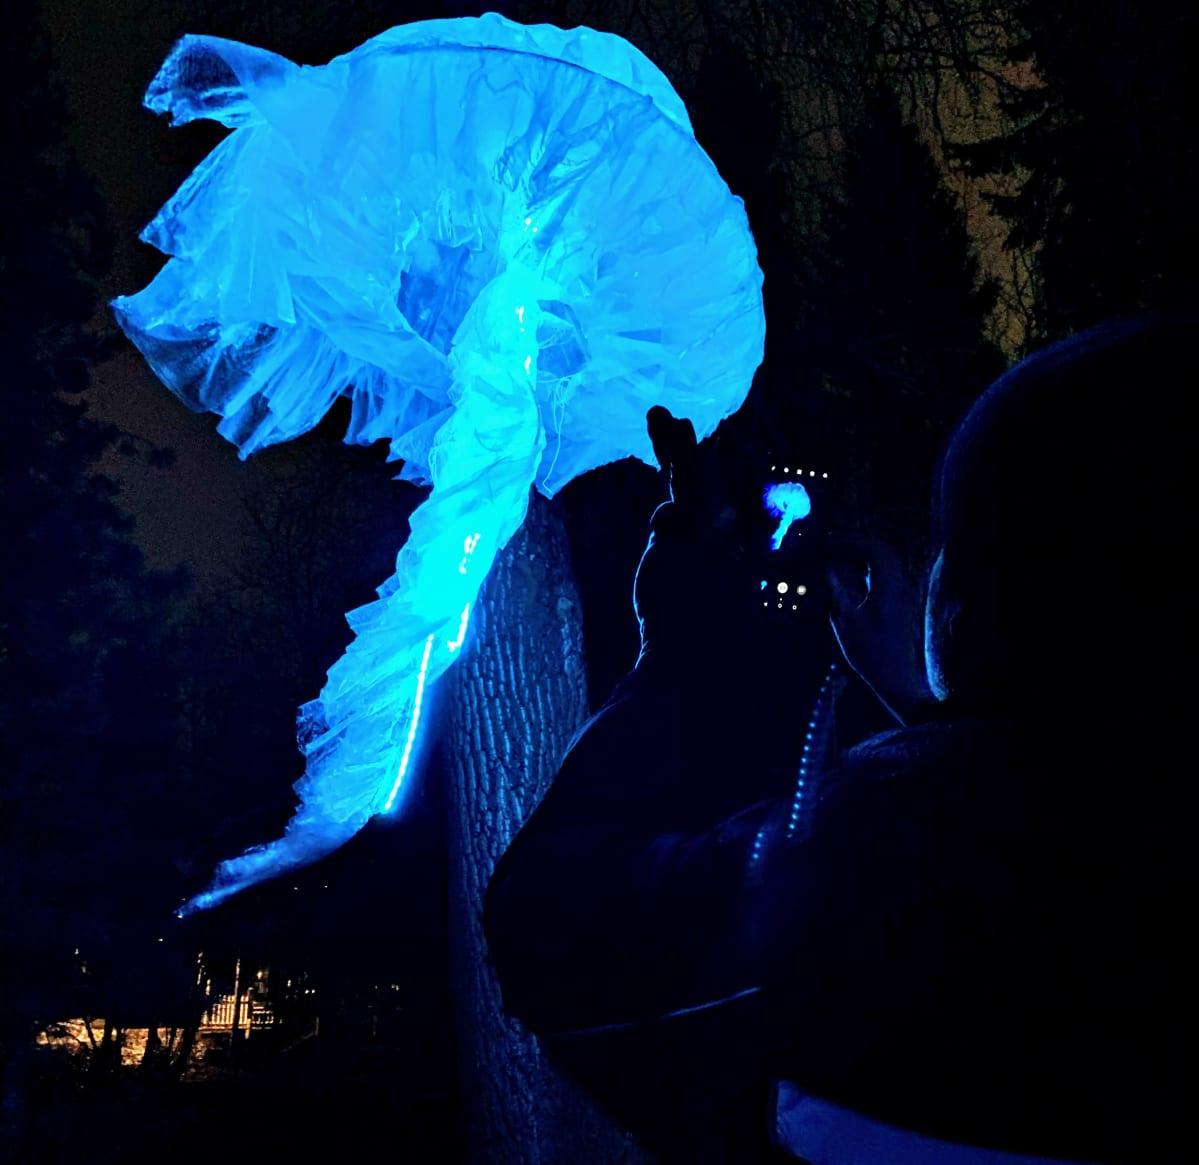 Magdalena Radziszewskan toteuttama Jellyfish-valoteos Oulun Lumo-taidefestivaaleilla marraskuussa 2019.